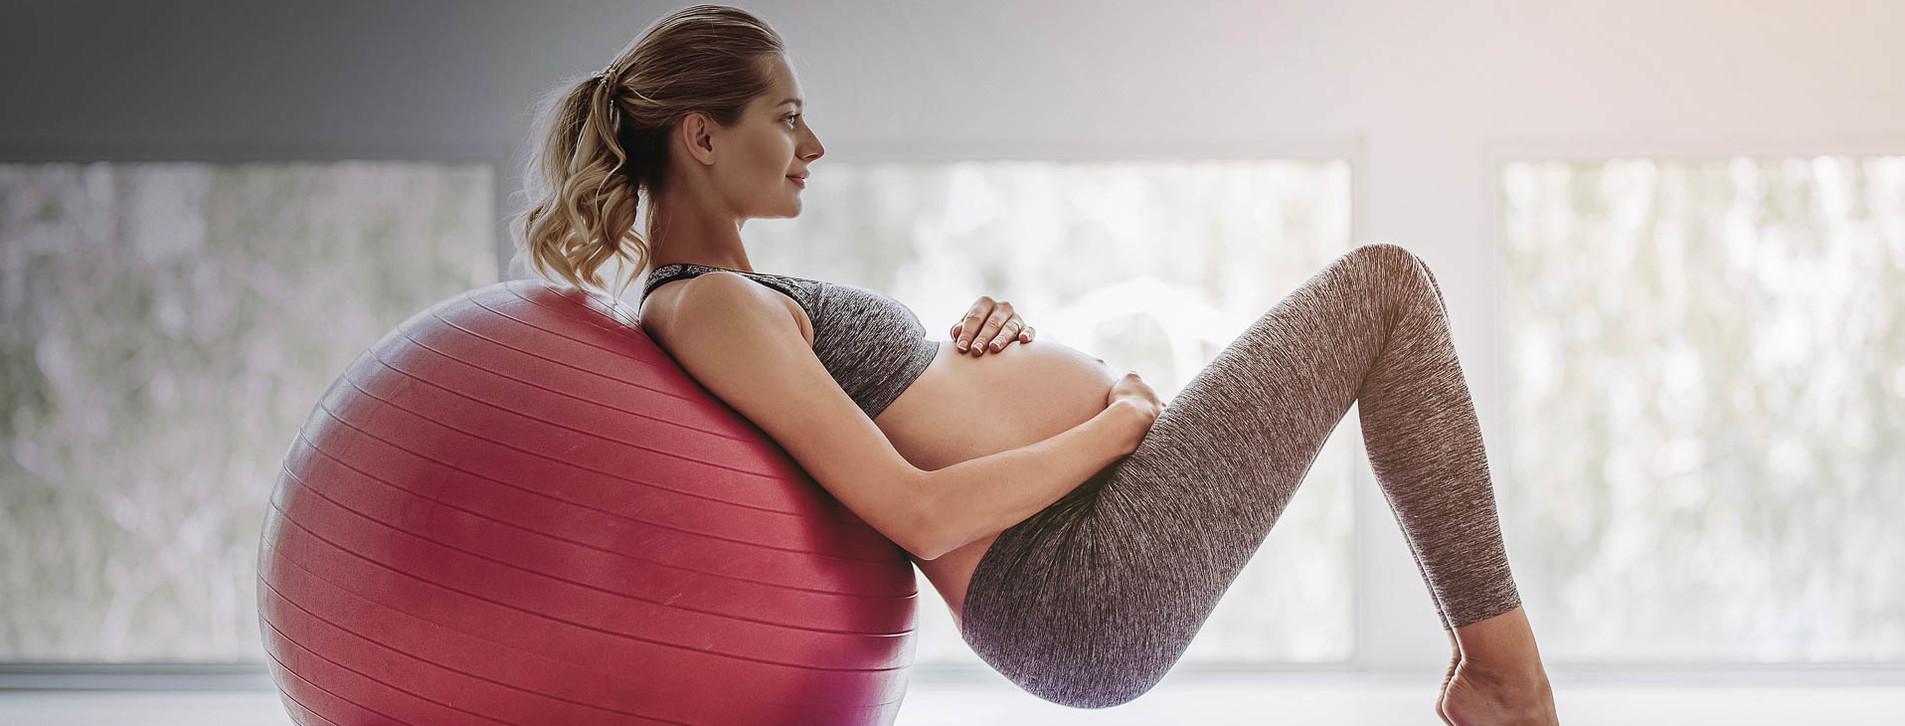 Фото - Йога для беременных